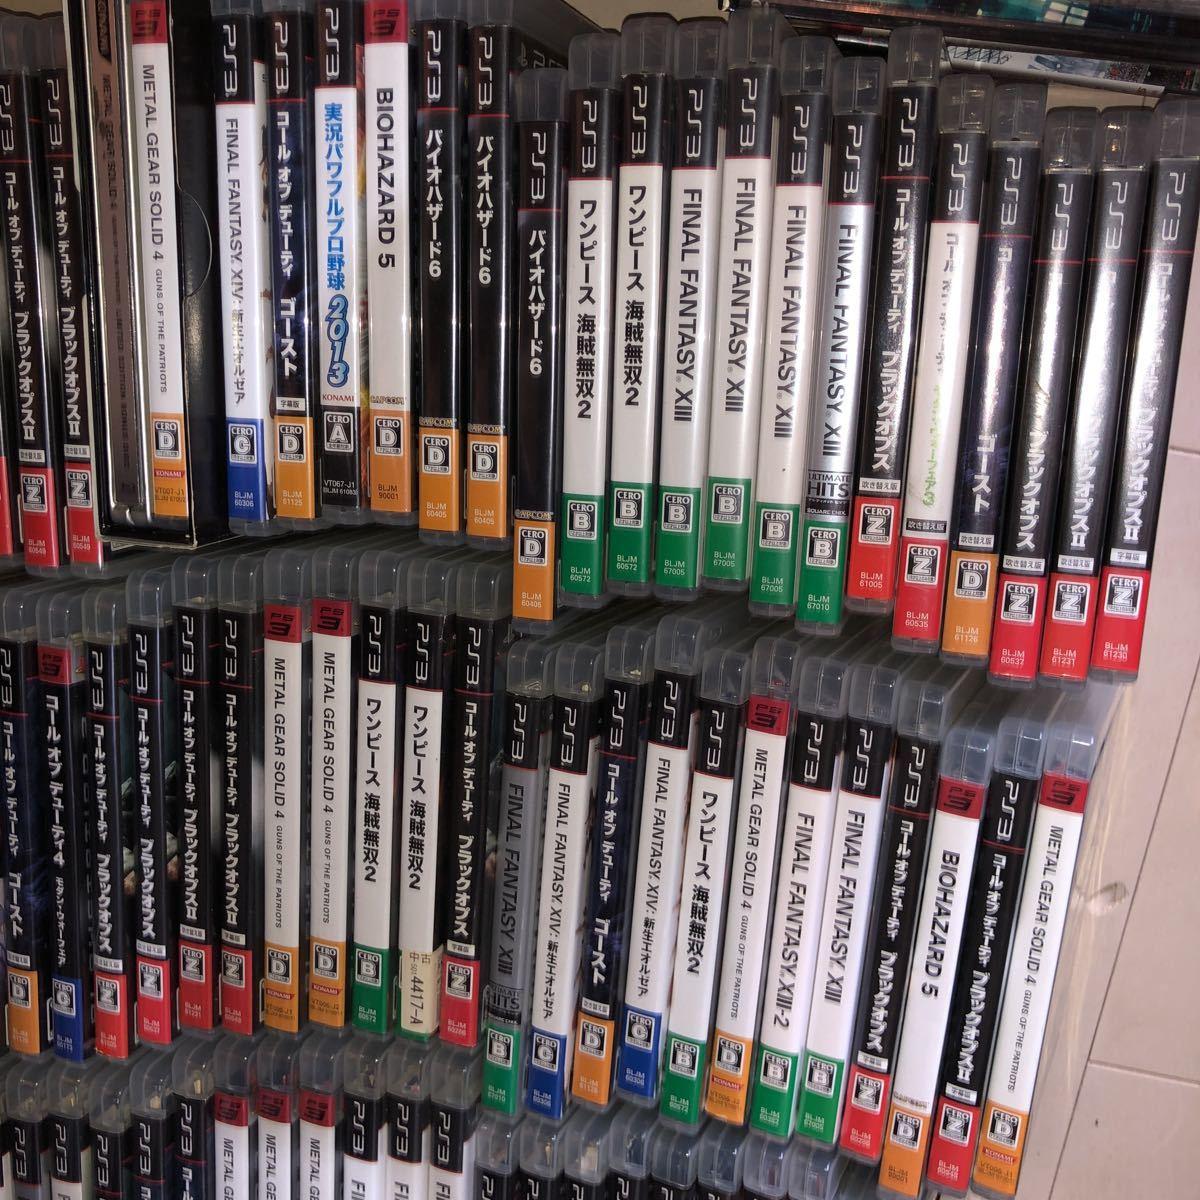 ps3 大量 ソフト 92本 セット cod bo2 バイオハザード 戦国無双4 メタルギアソリッド ファイナルファンタジー まとめ_画像3